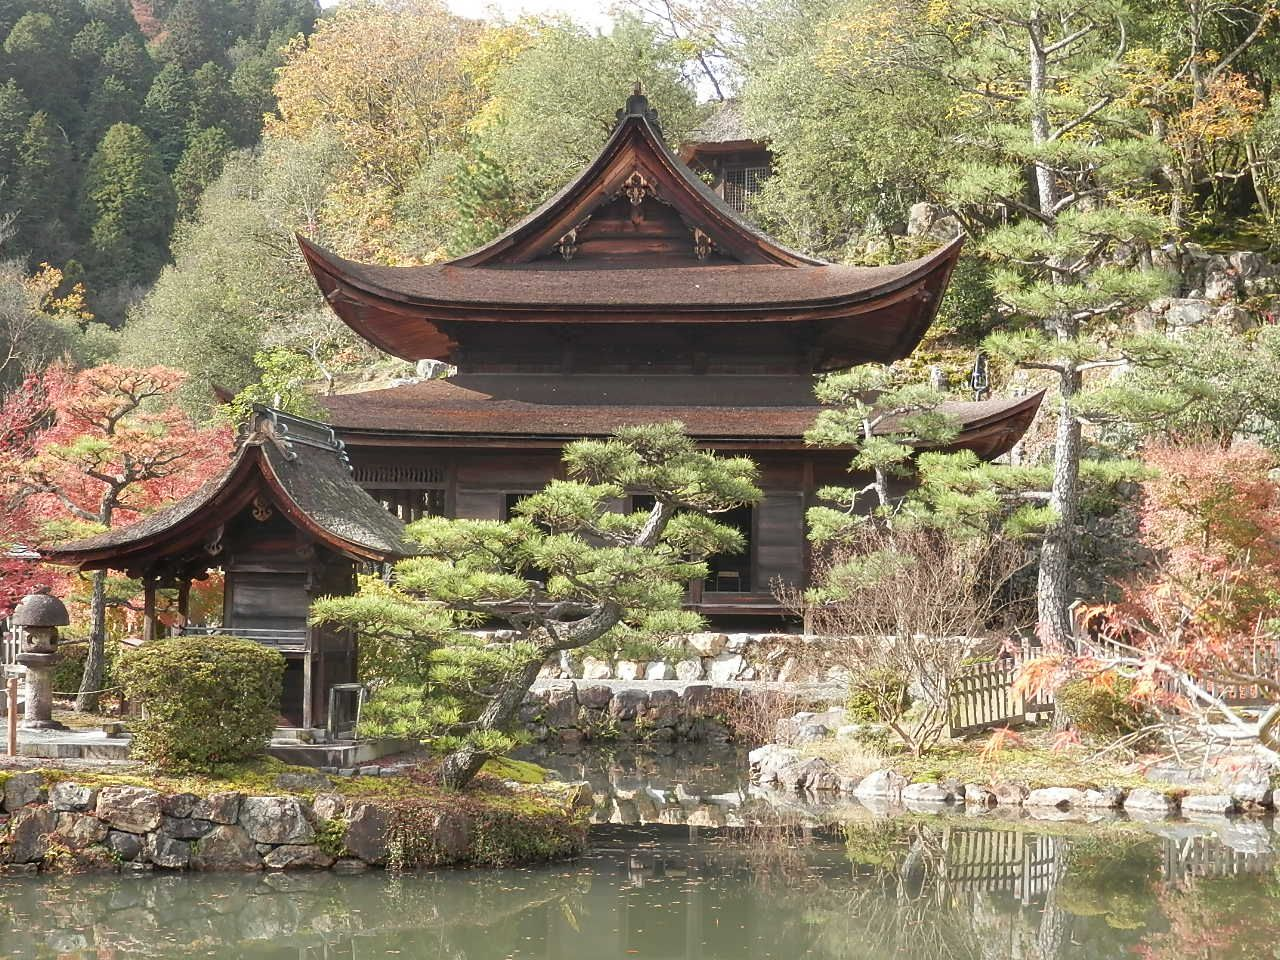 鎌倉時代に創られた歴史を感じる国宝「観音堂」